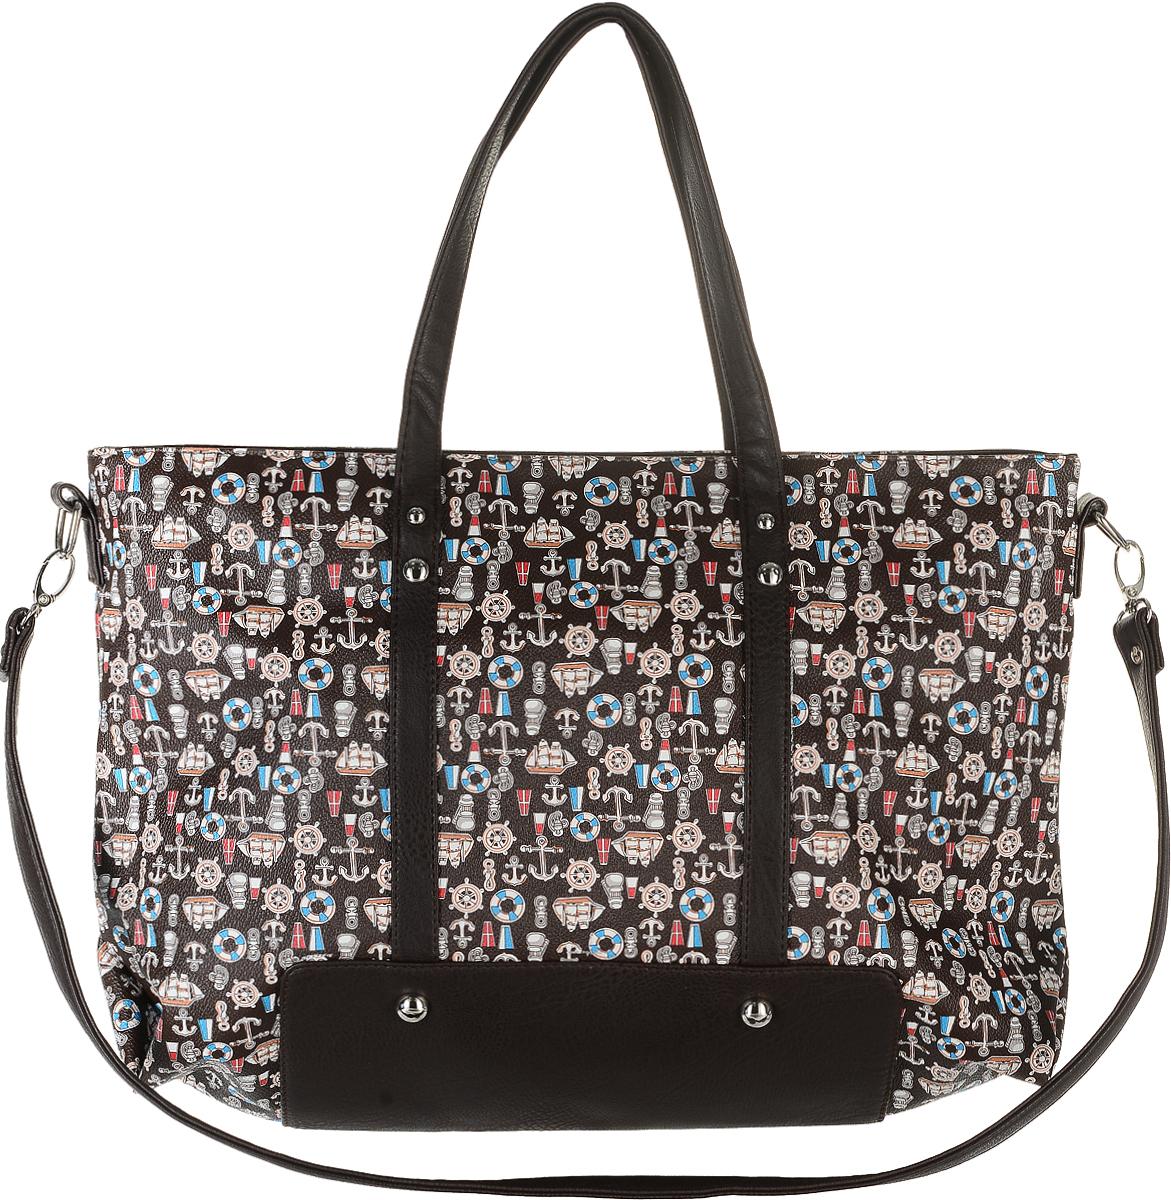 Сумка женская Аntan, цвет: темно-коричневый, голубой, молочный. 842842Модная женская сумка Аntan, выполненная из искусственной кожи, оформлена принтом в морском стиле. Изделие имеет одно отделение, которое закрывается на застежку-молнию. Внутри сумки находятся прорезной карман на застежке-молнии и два накладных открытых кармана. Сумка оснащена двумя удобными ручками. В комплект входит съемный плечевой ремень.